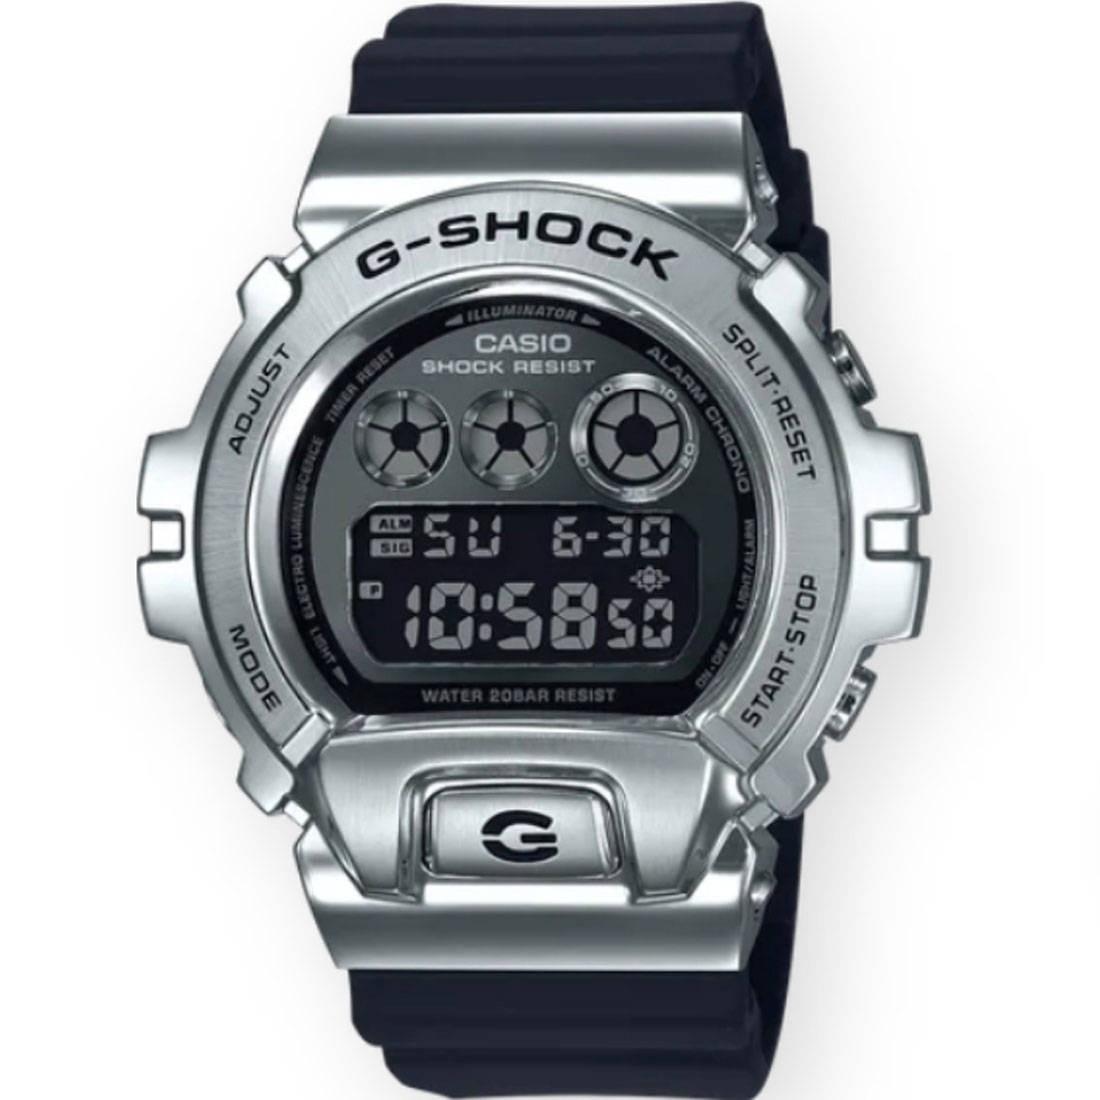 G-Shock Watches GM6900-1 Watch (black / silver)